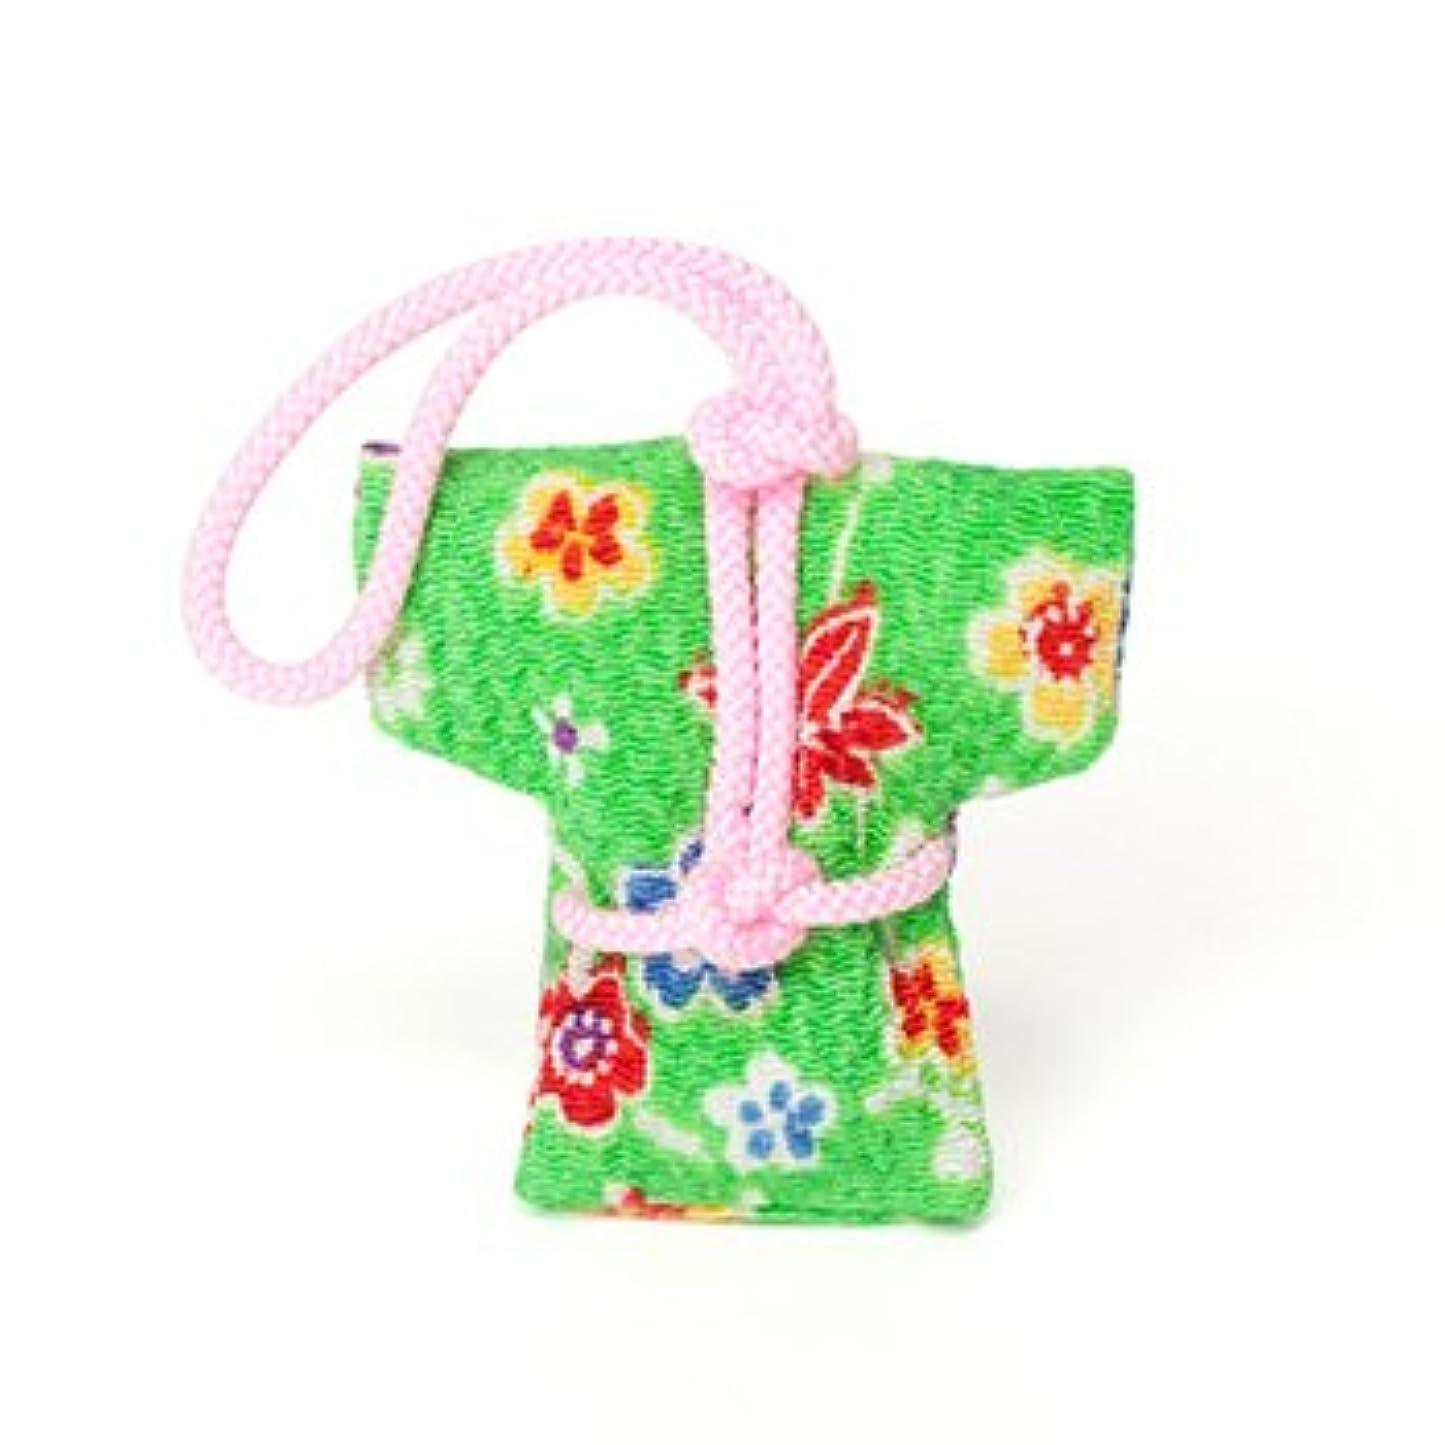 四面体気質周波数匂い袋 誰が袖 やっこさん 1個入 ケースなし (色?柄は選べません)